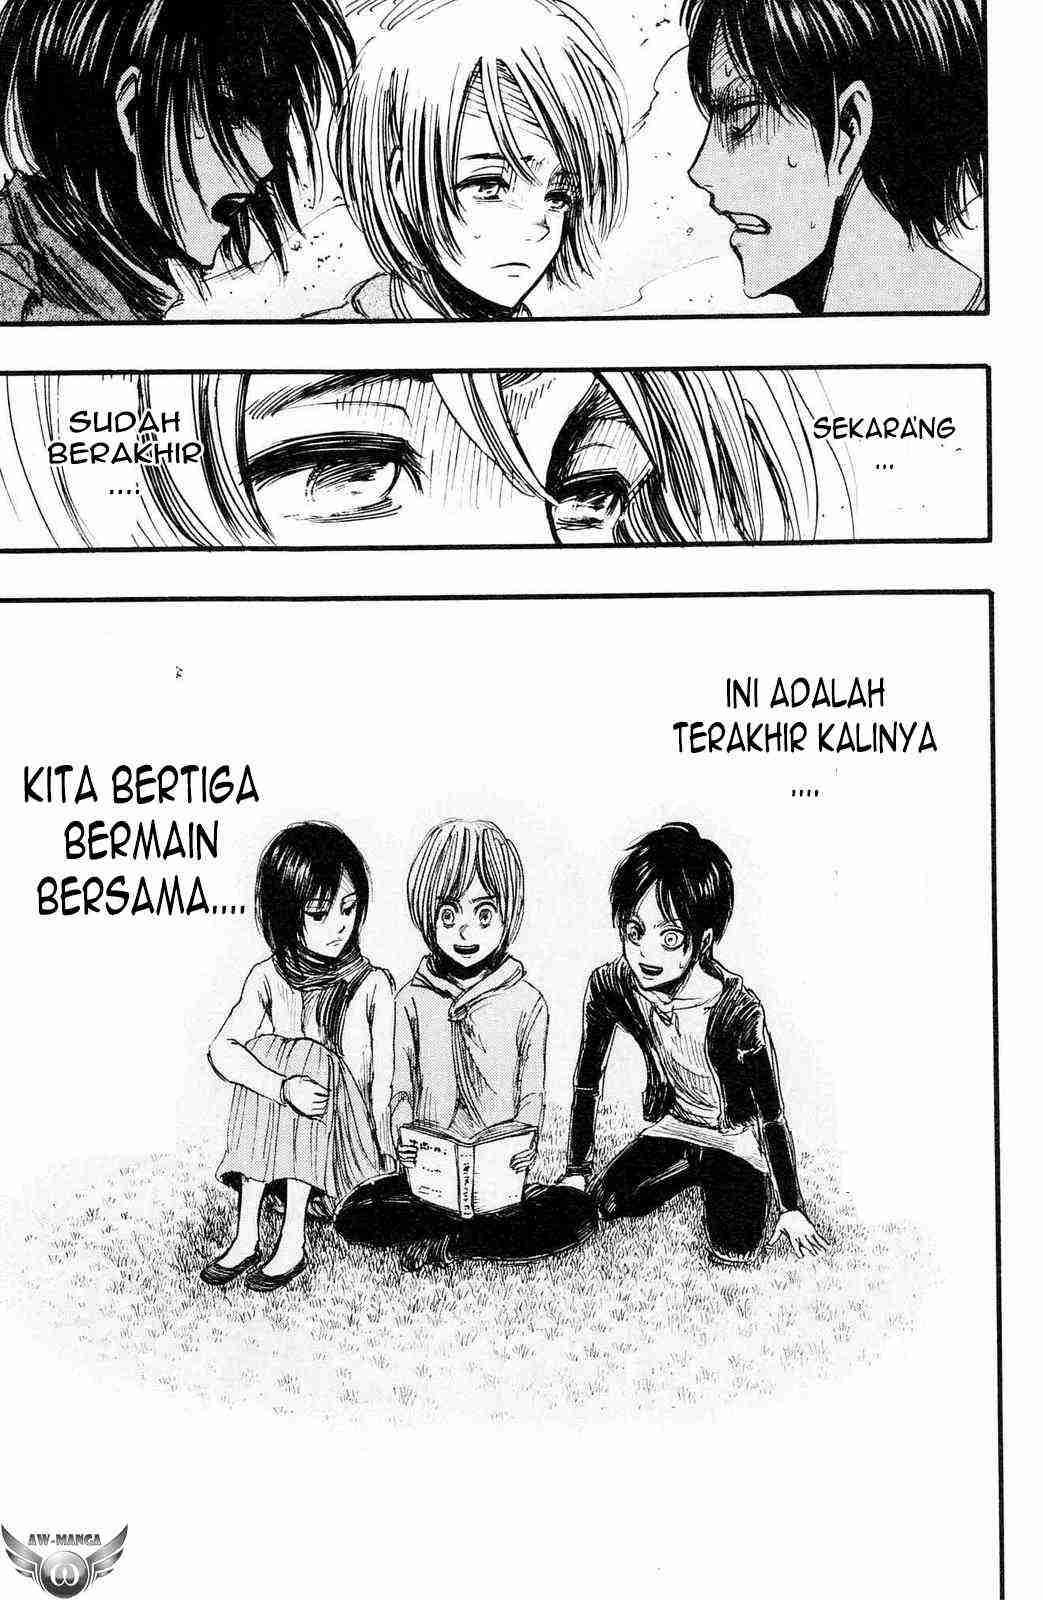 Komik shingeki no kyojin 011 12 Indonesia shingeki no kyojin 011 Terbaru 27|Baca Manga Komik Indonesia|